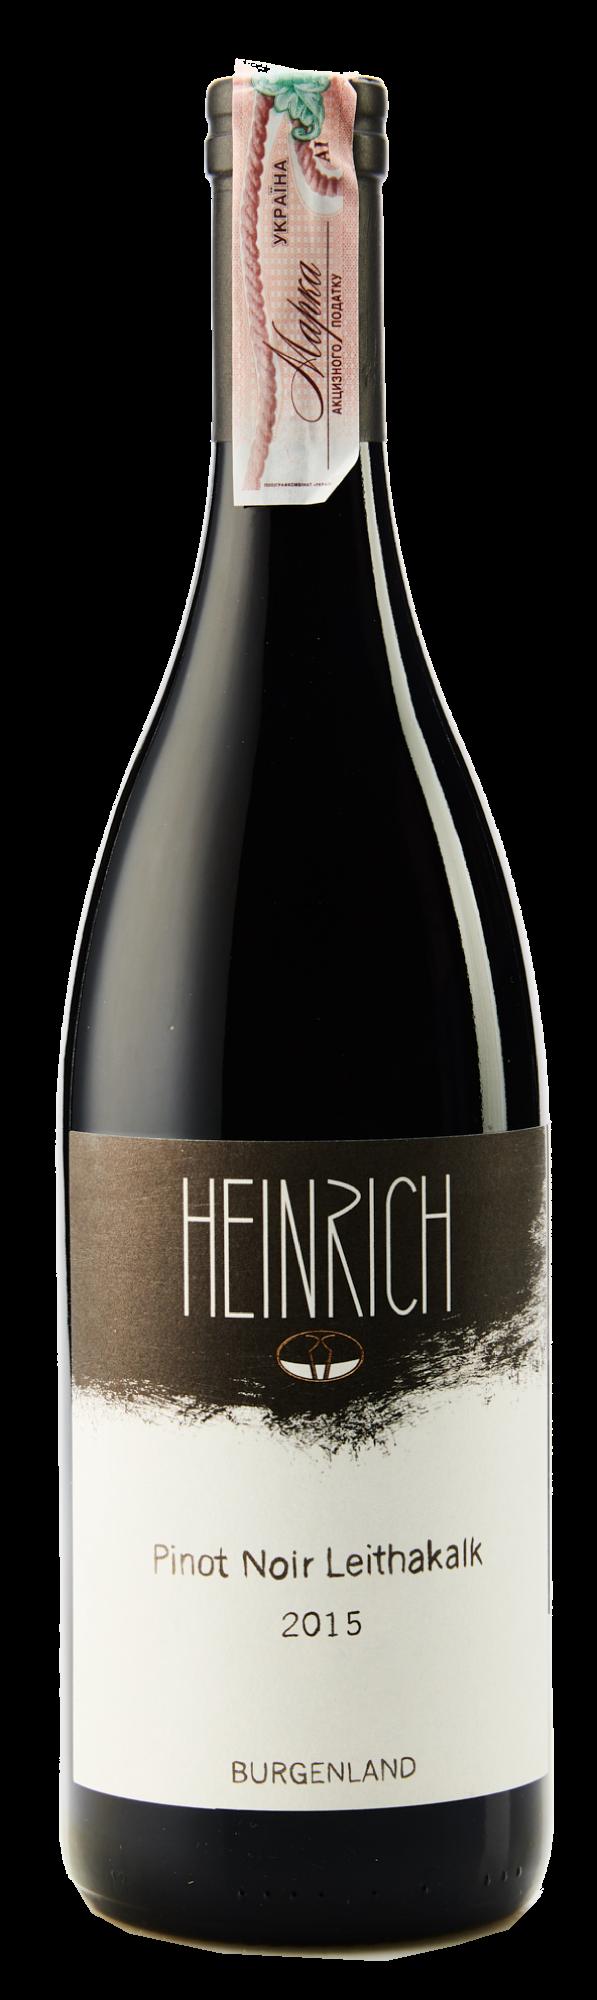 Heinrich Pinot Noir Leithakalk 1